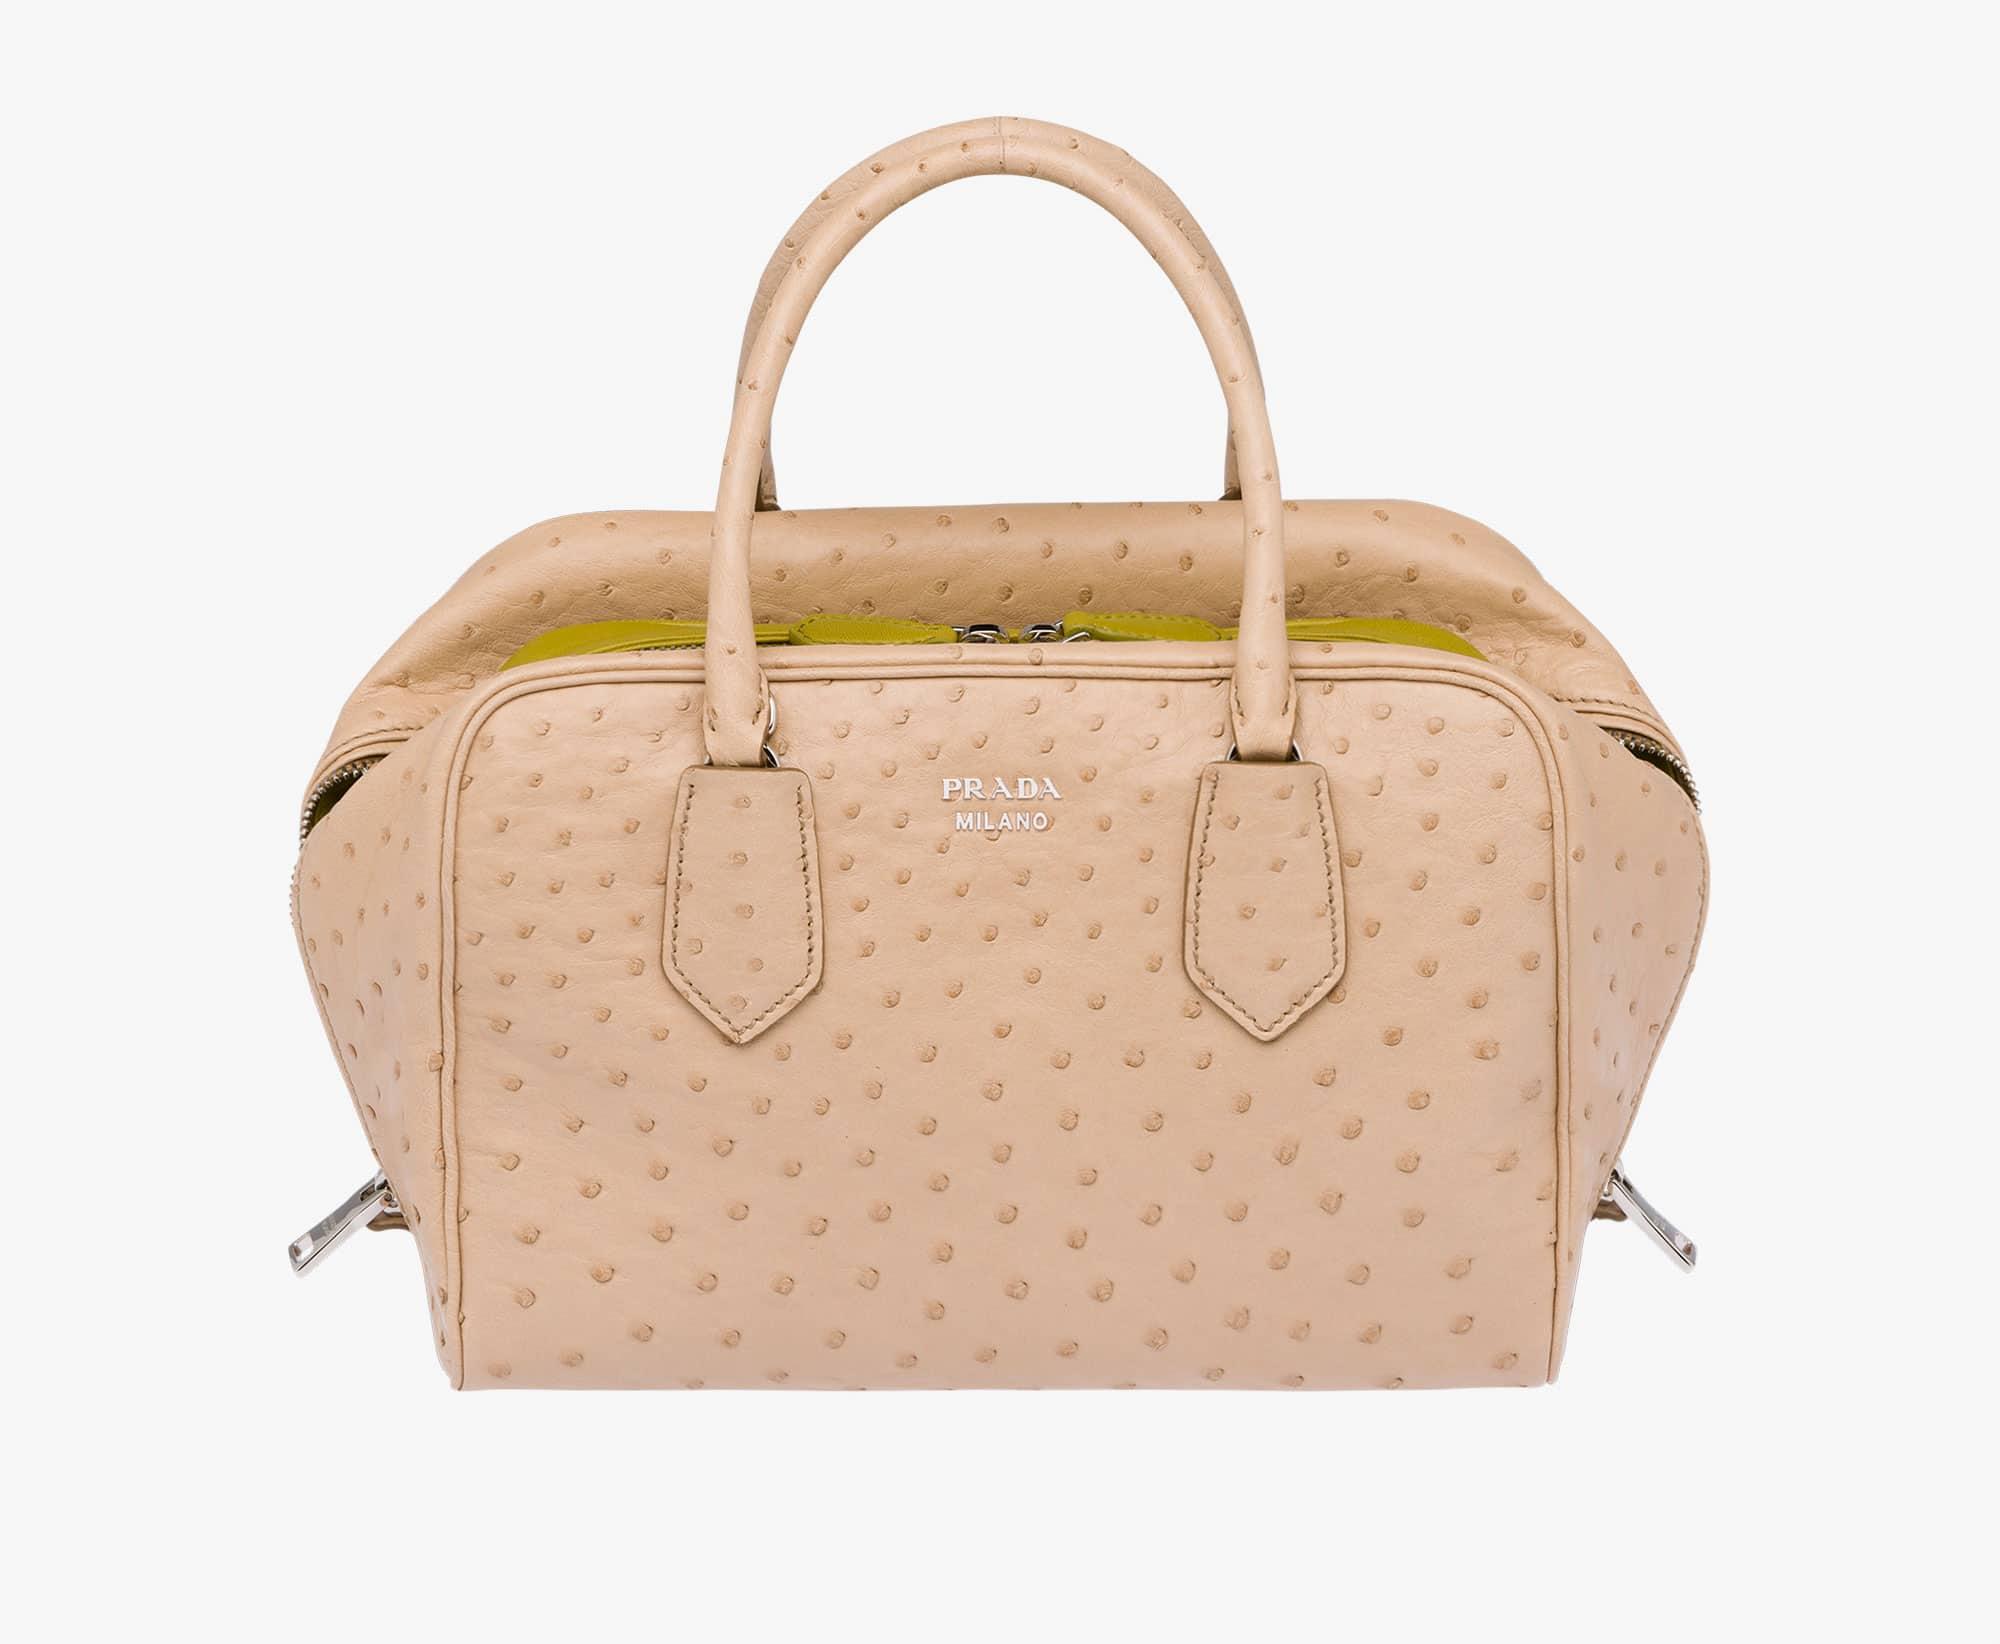 dc589e225f prada medium python inside bag, prada saffiano bag price